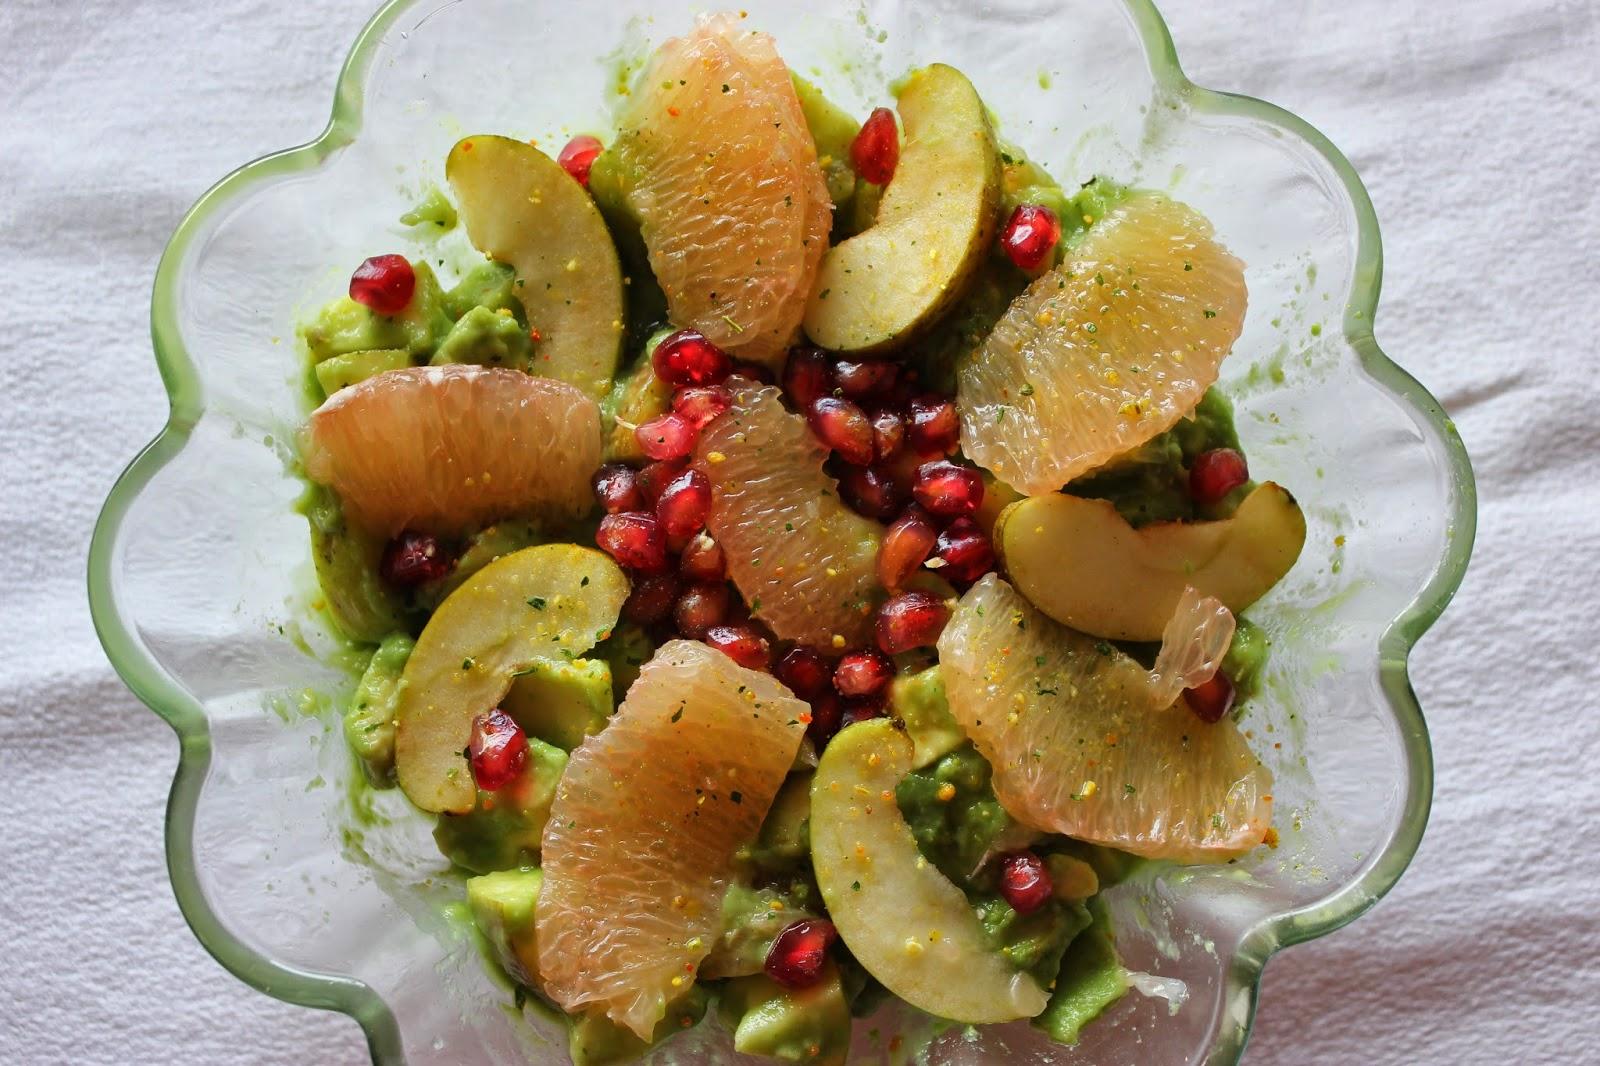 https://cuillereetsaladier.blogspot.com/2014/01/salade-avocats-pommes-pamplemousse.html